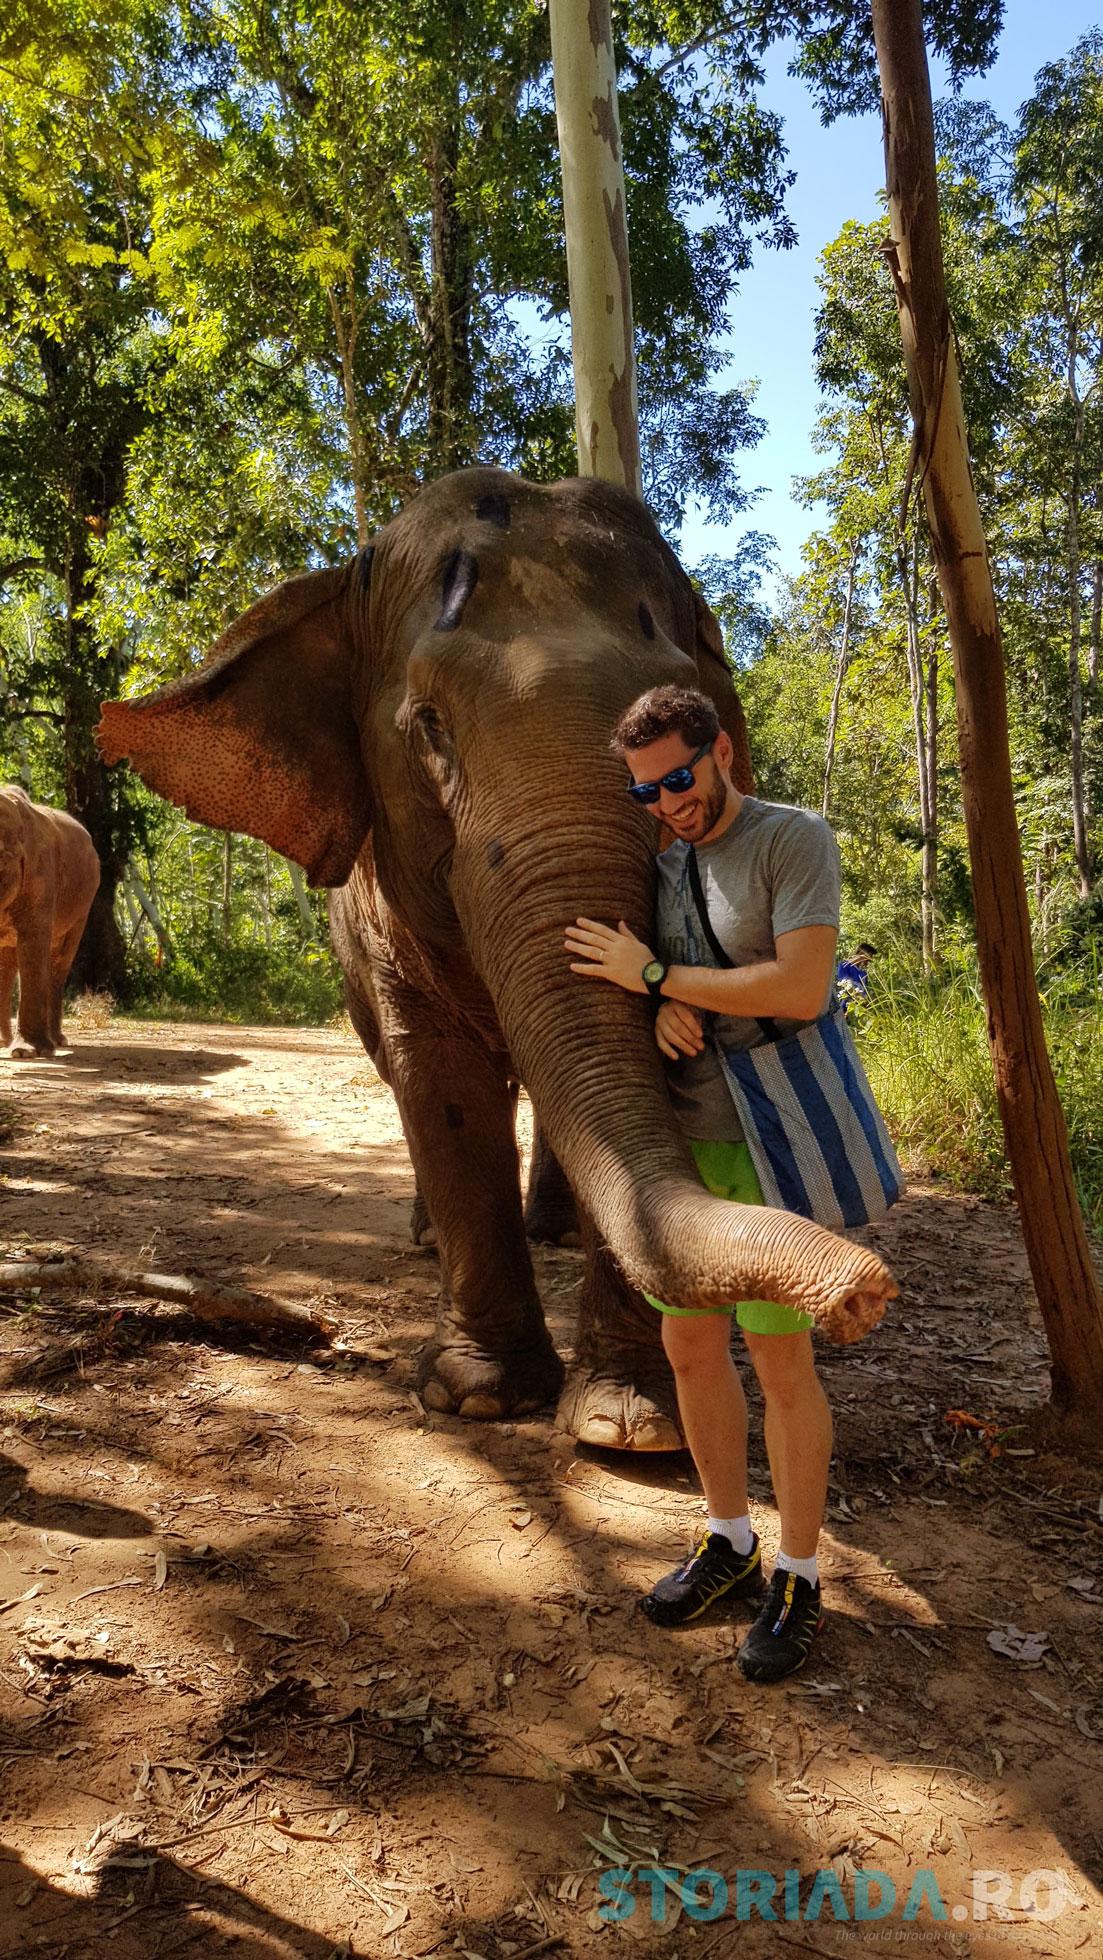 Wassana the elephant